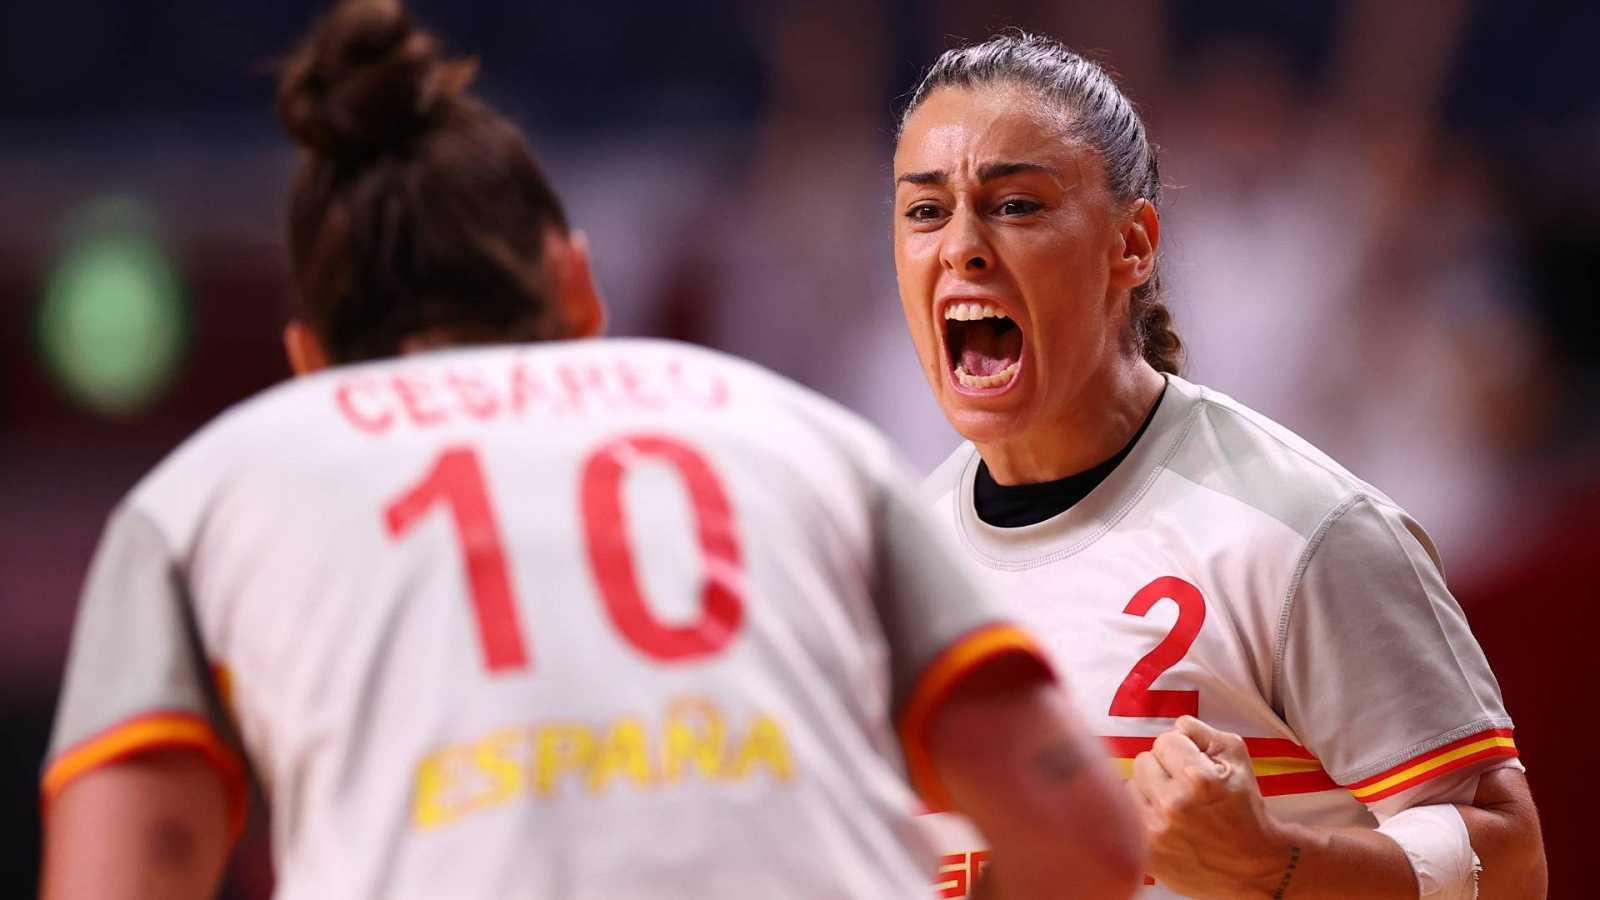 Tokyo 2020 | Francia 25 - España 28 | Las 'Guerreras' someten a Francia  desde la solidez defensiva y consiguen su primera victoria en Tokyo 2020 -  RTVE.es